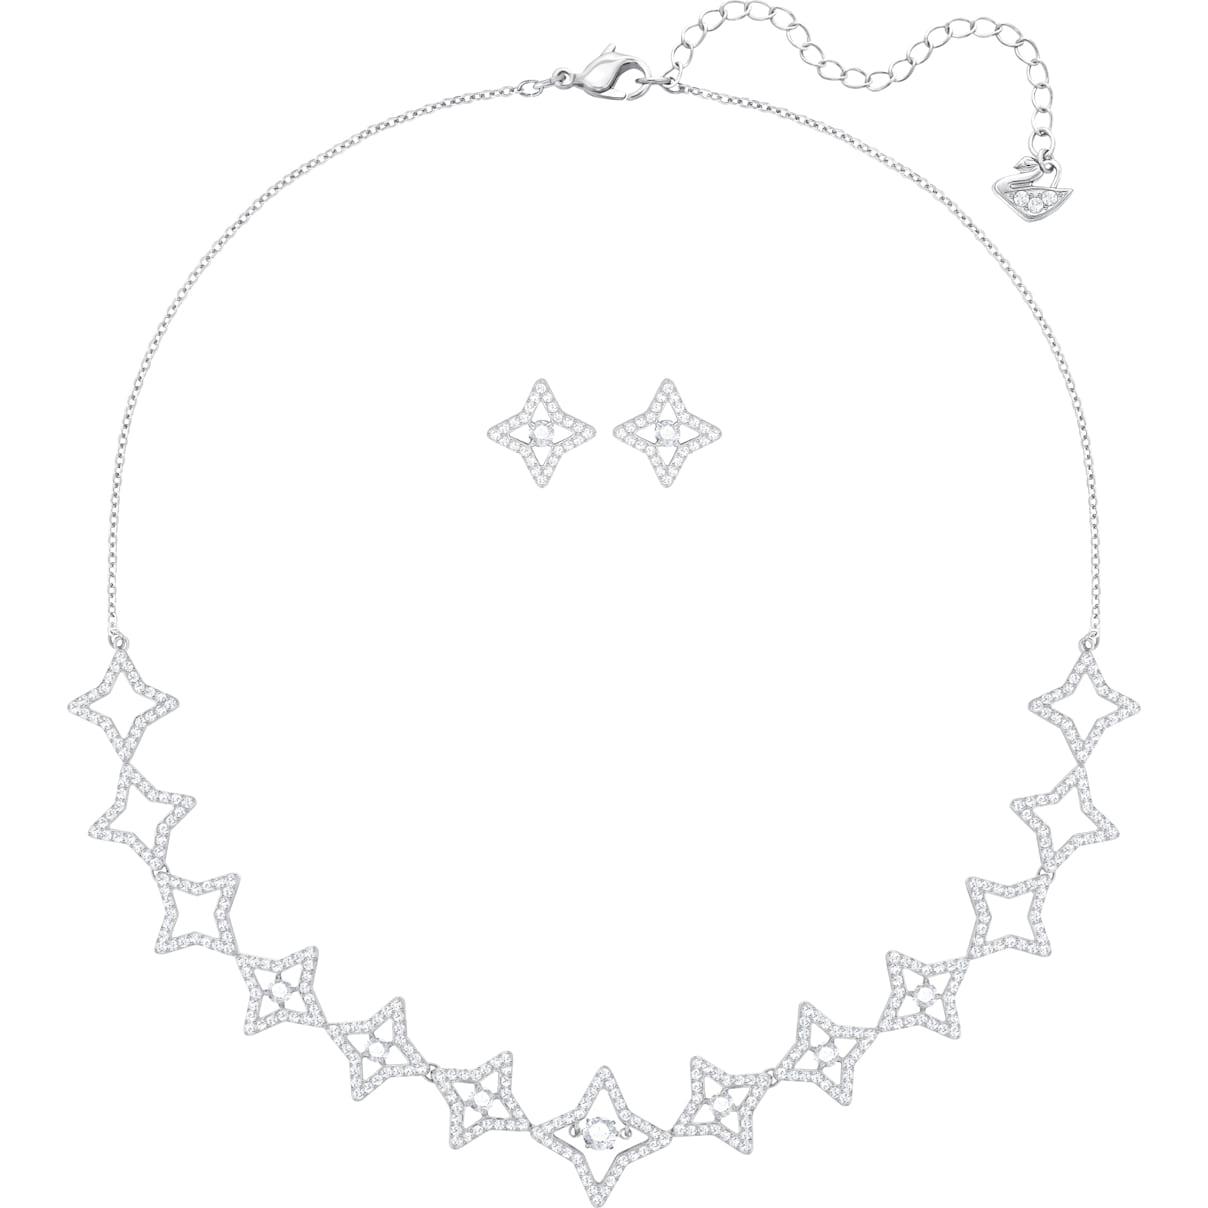 Swarovski Sparkling Dance Star Set, Medium, White, Rhodium plating